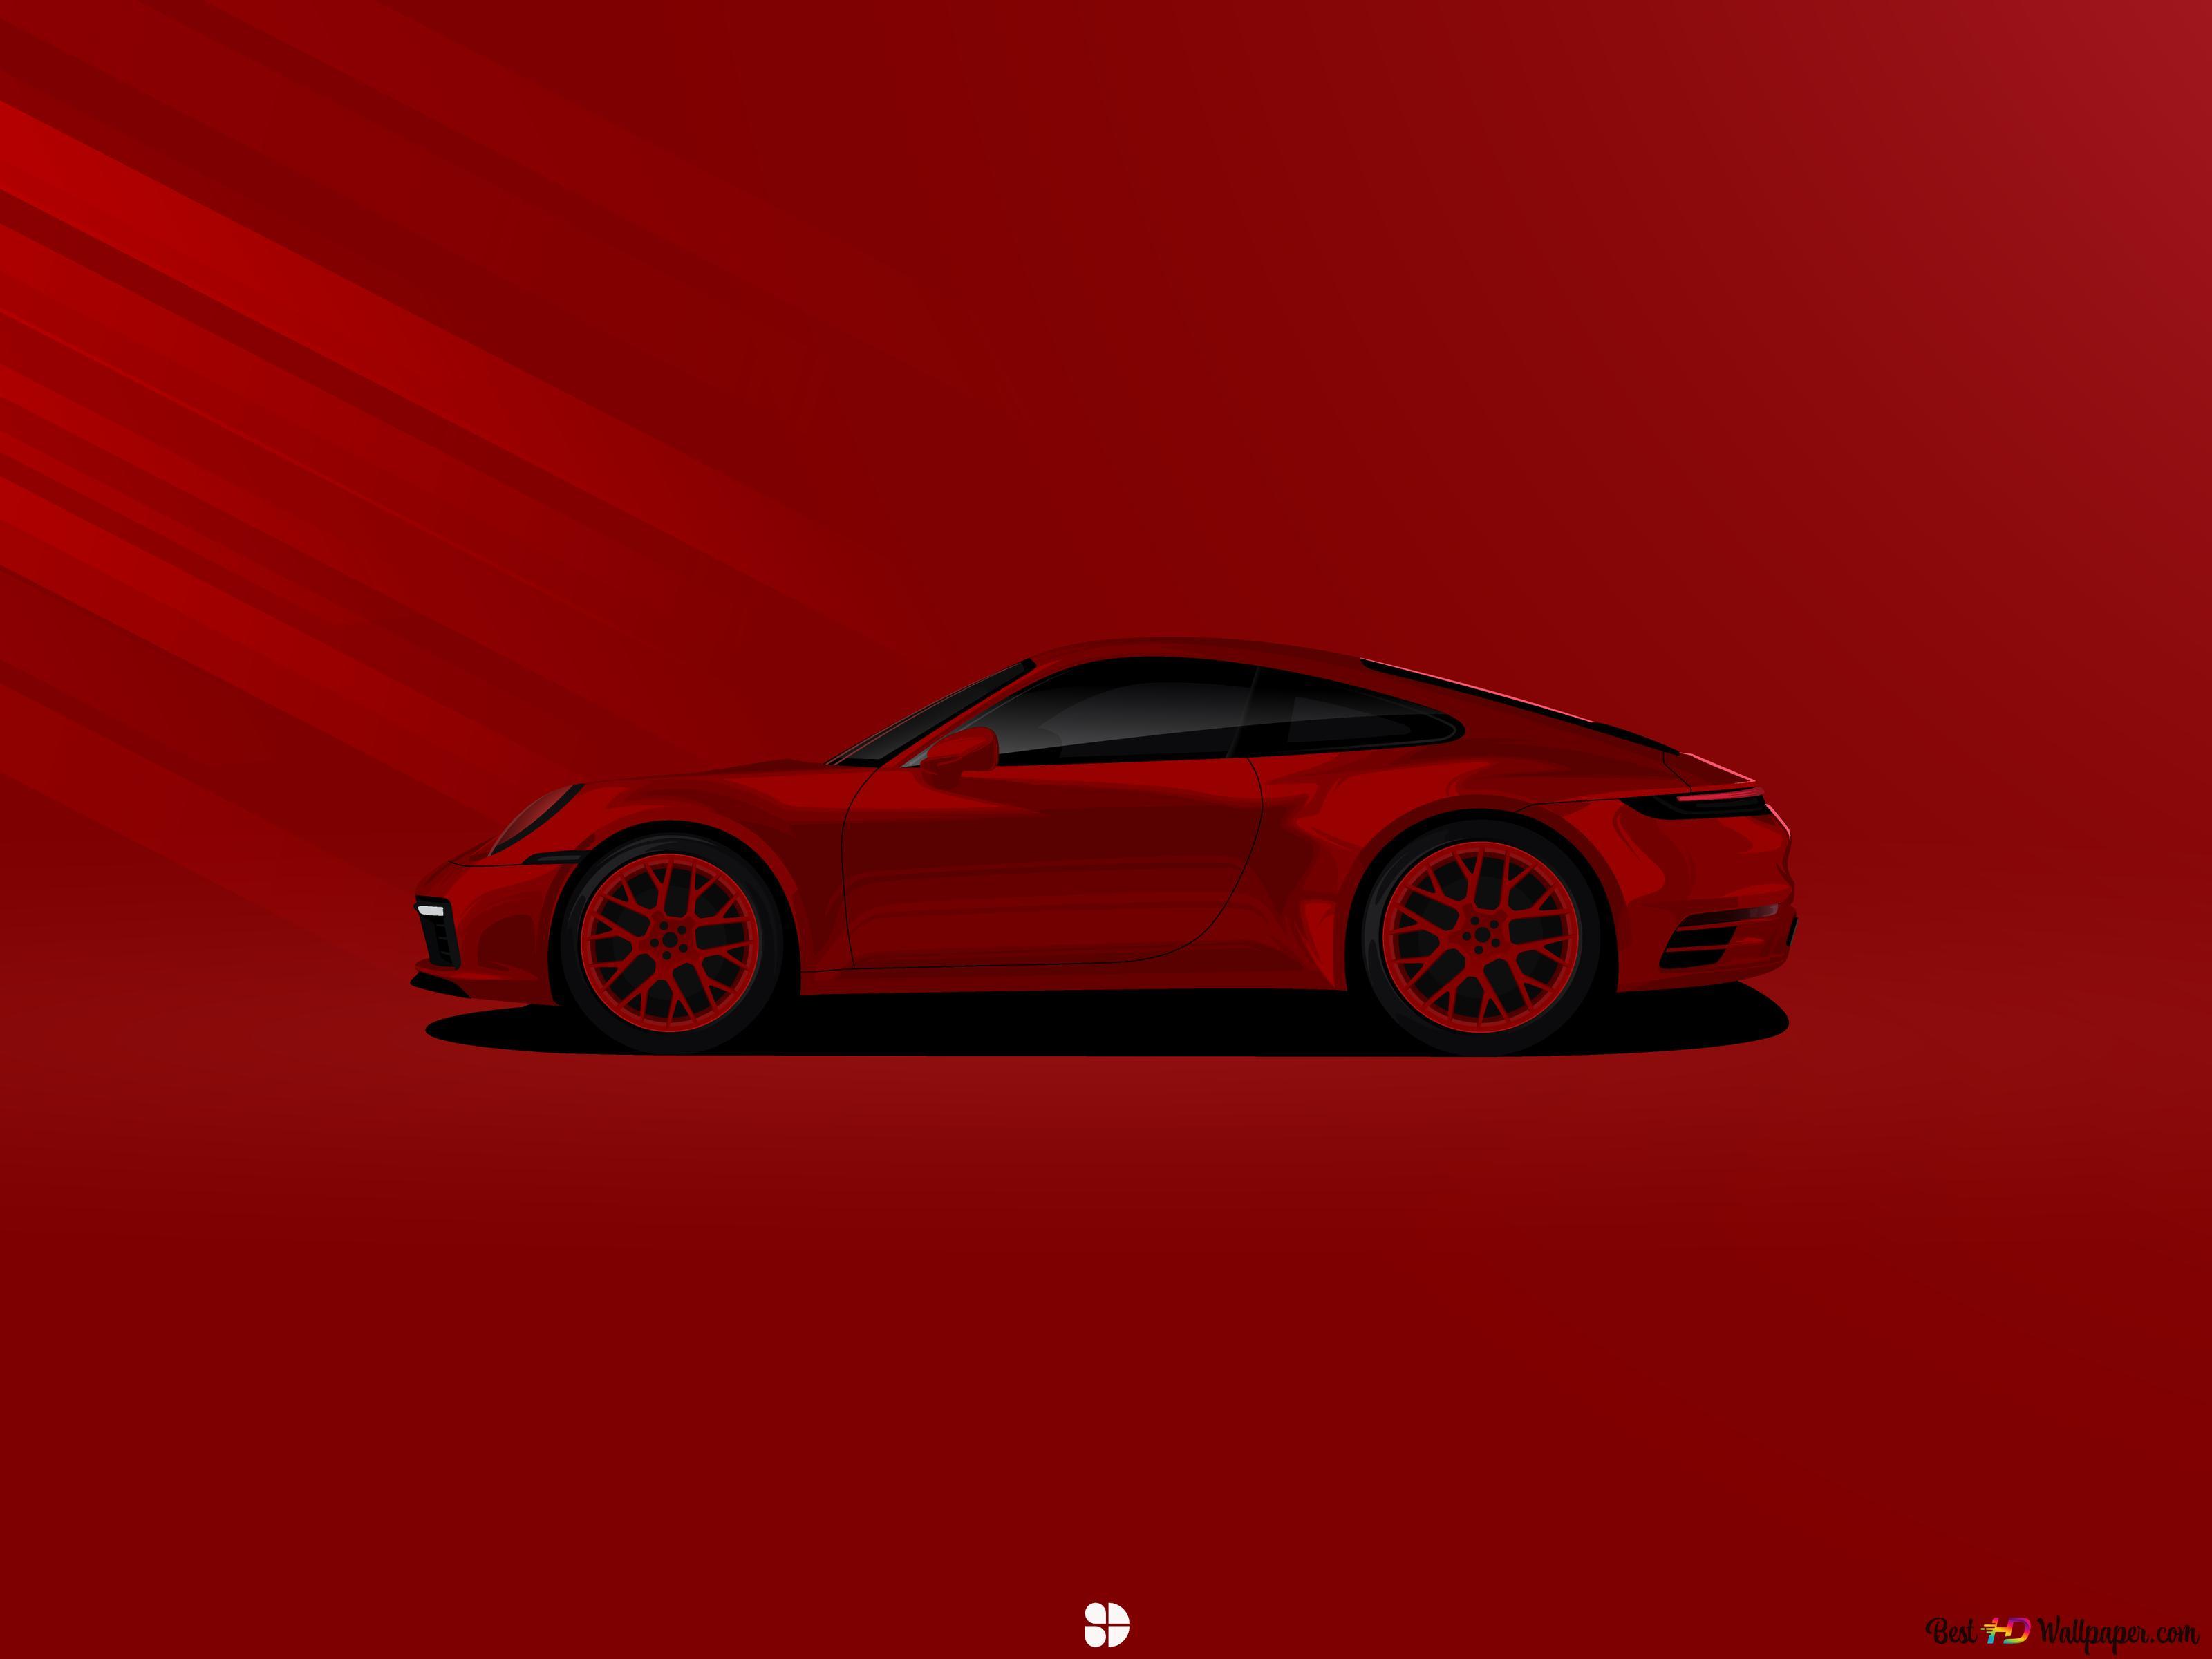 mobil sport porsche merah bersinar wallpaper 3200x2400 55157 29